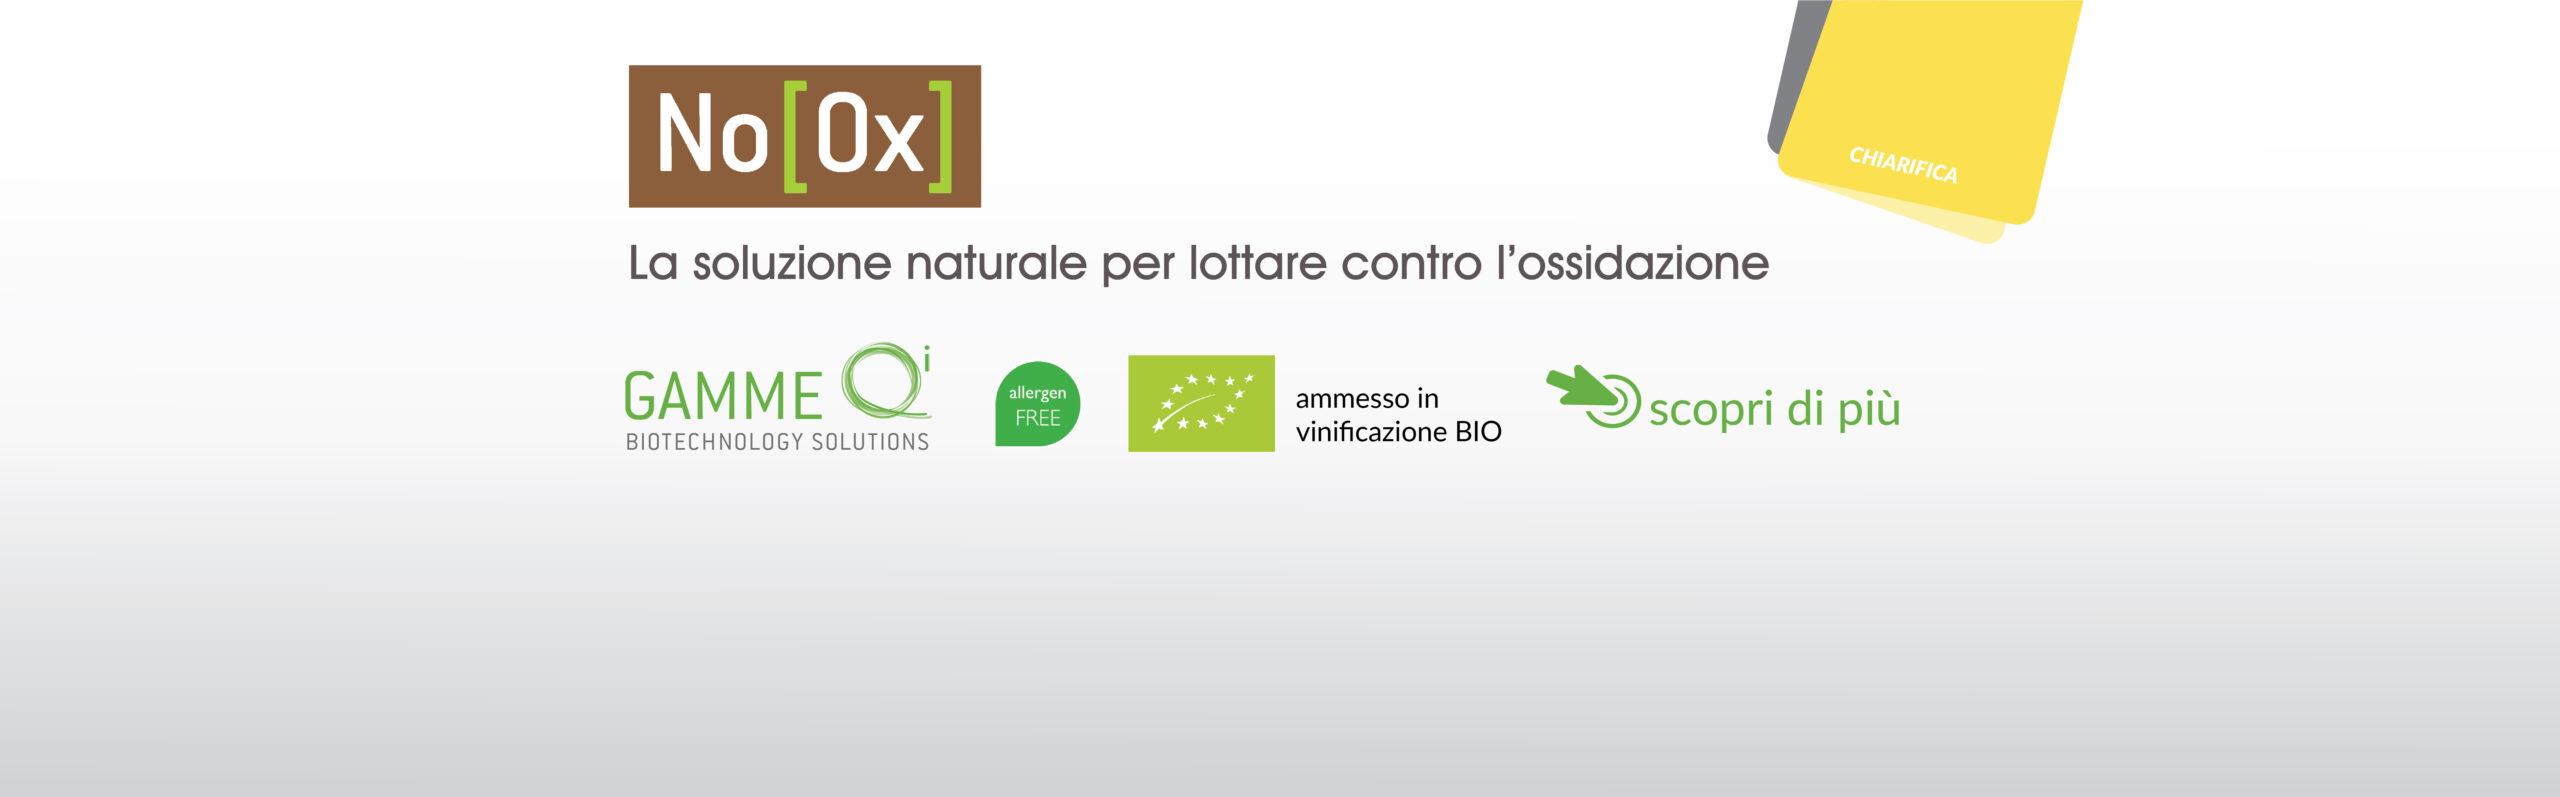 NoOx – La soluzione naturale contro l'ossidazione